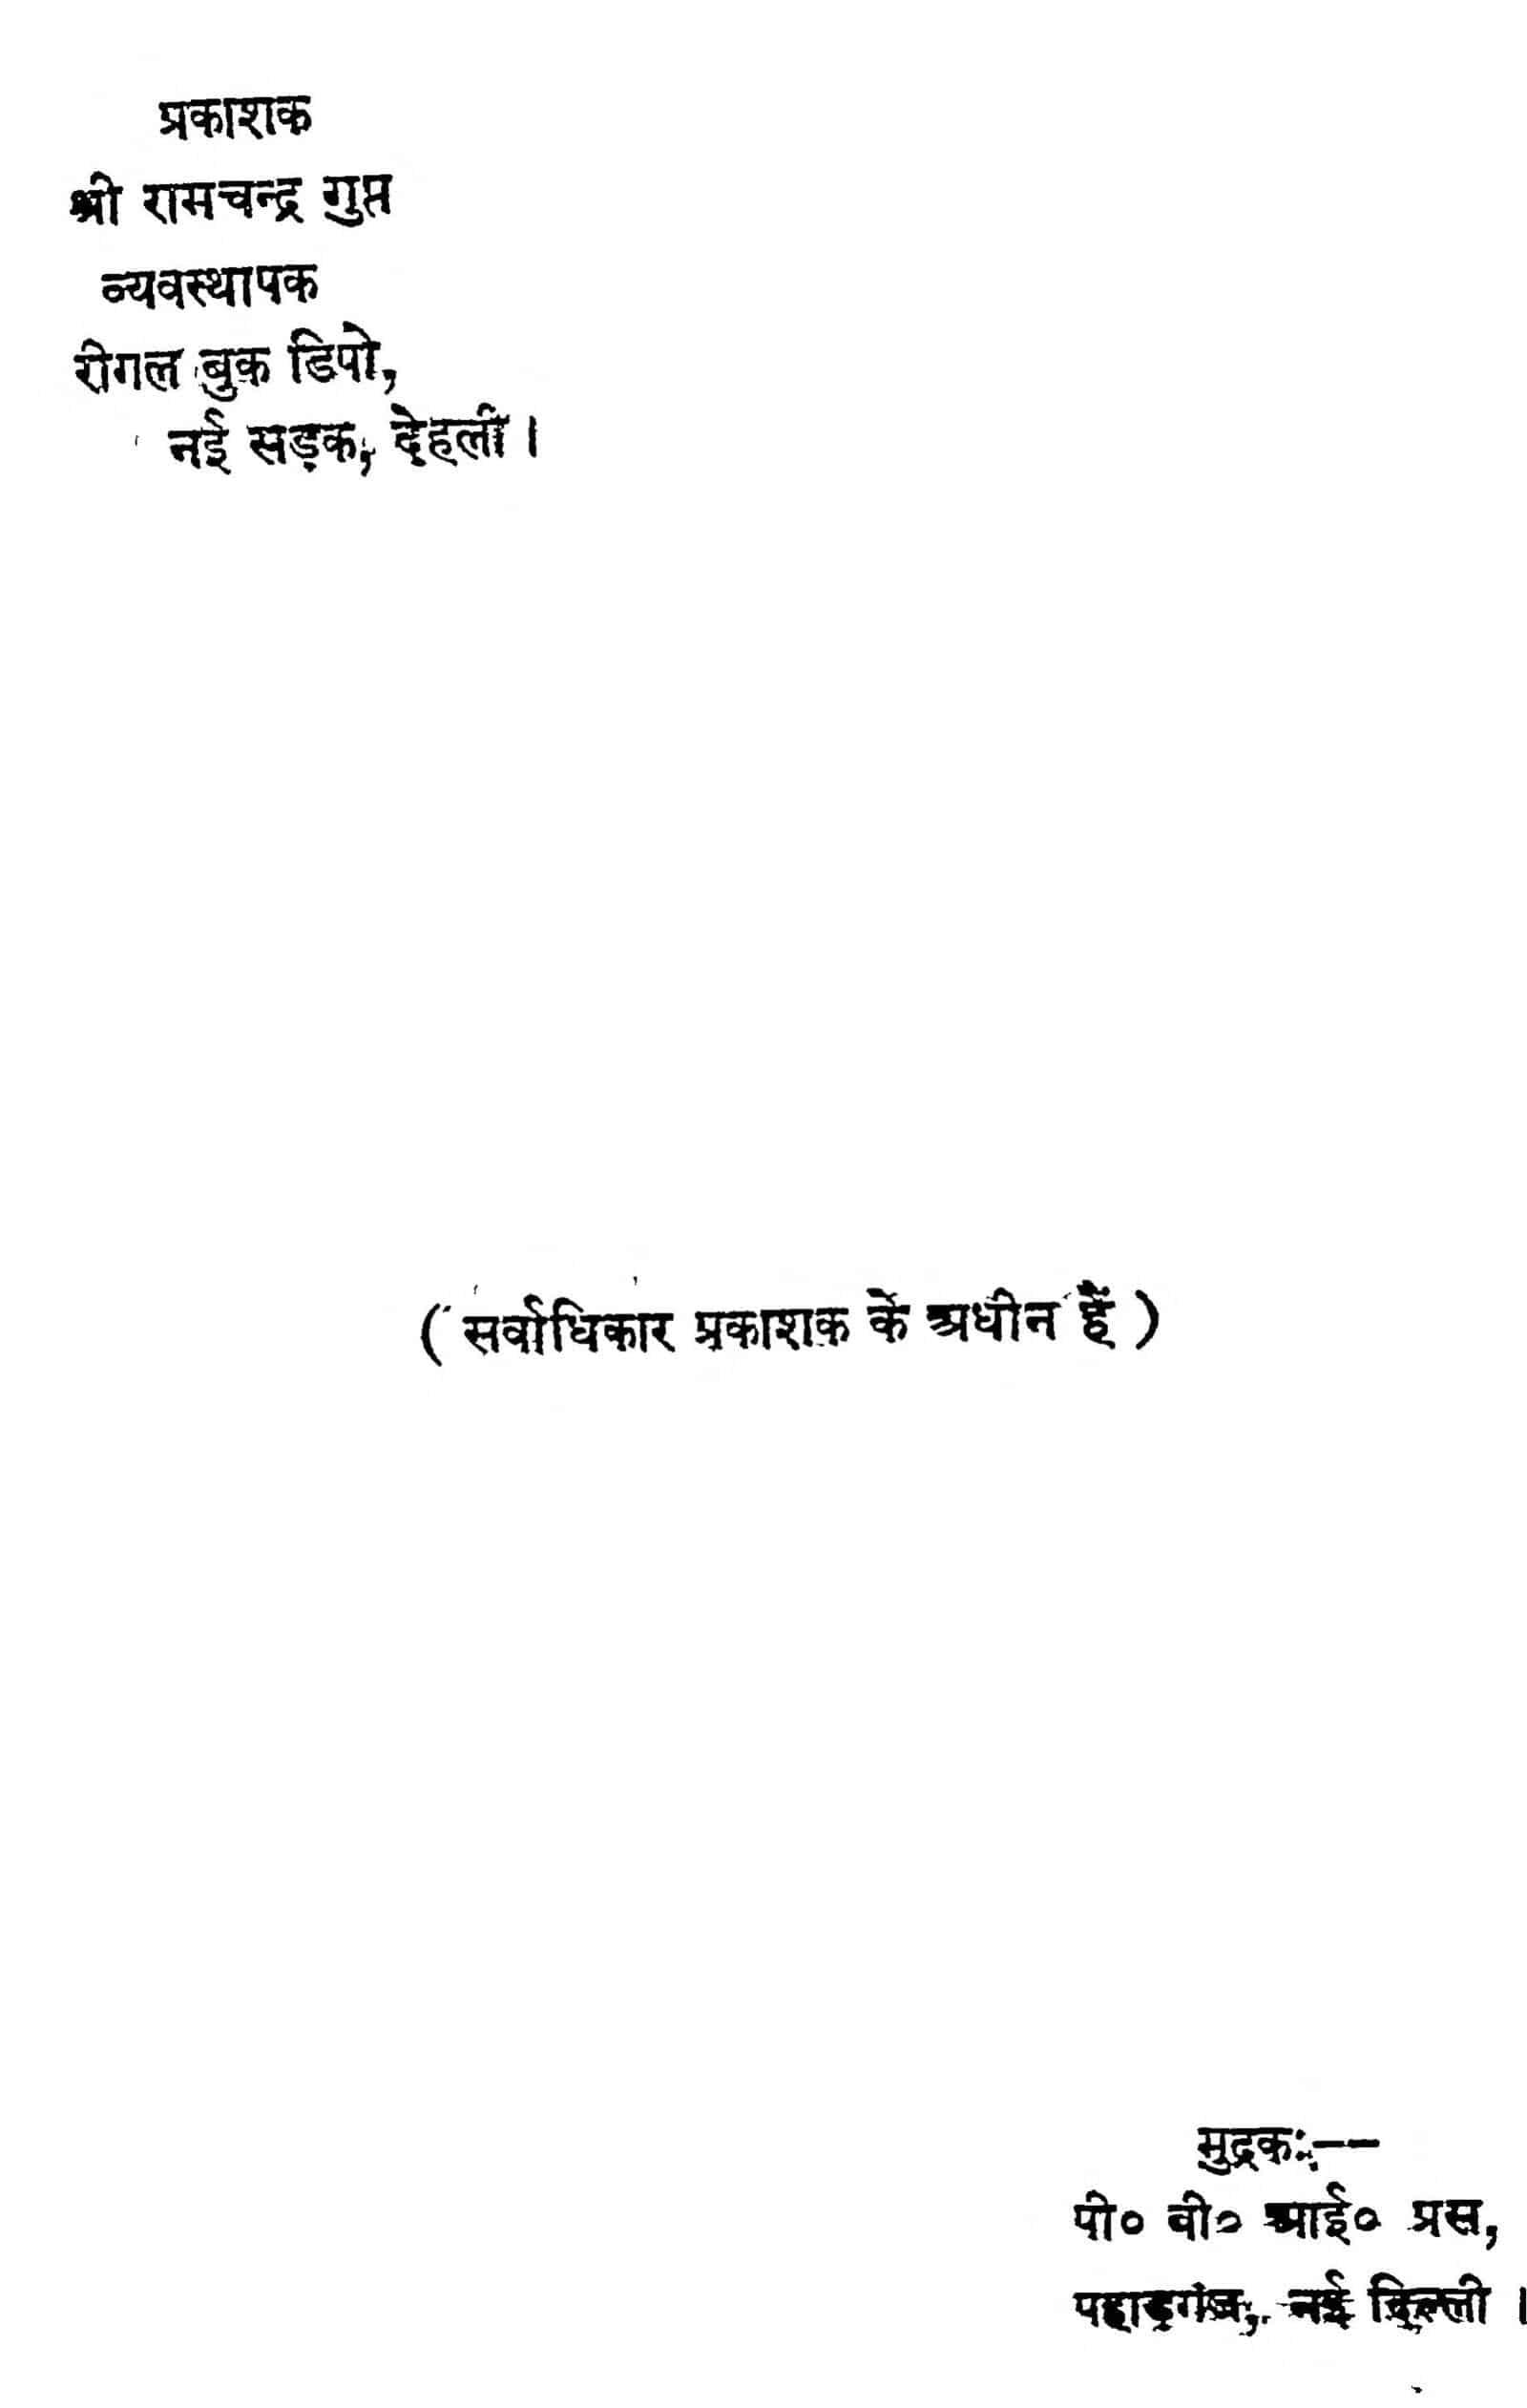 Book Image : उधरण माला - Udharan Mala